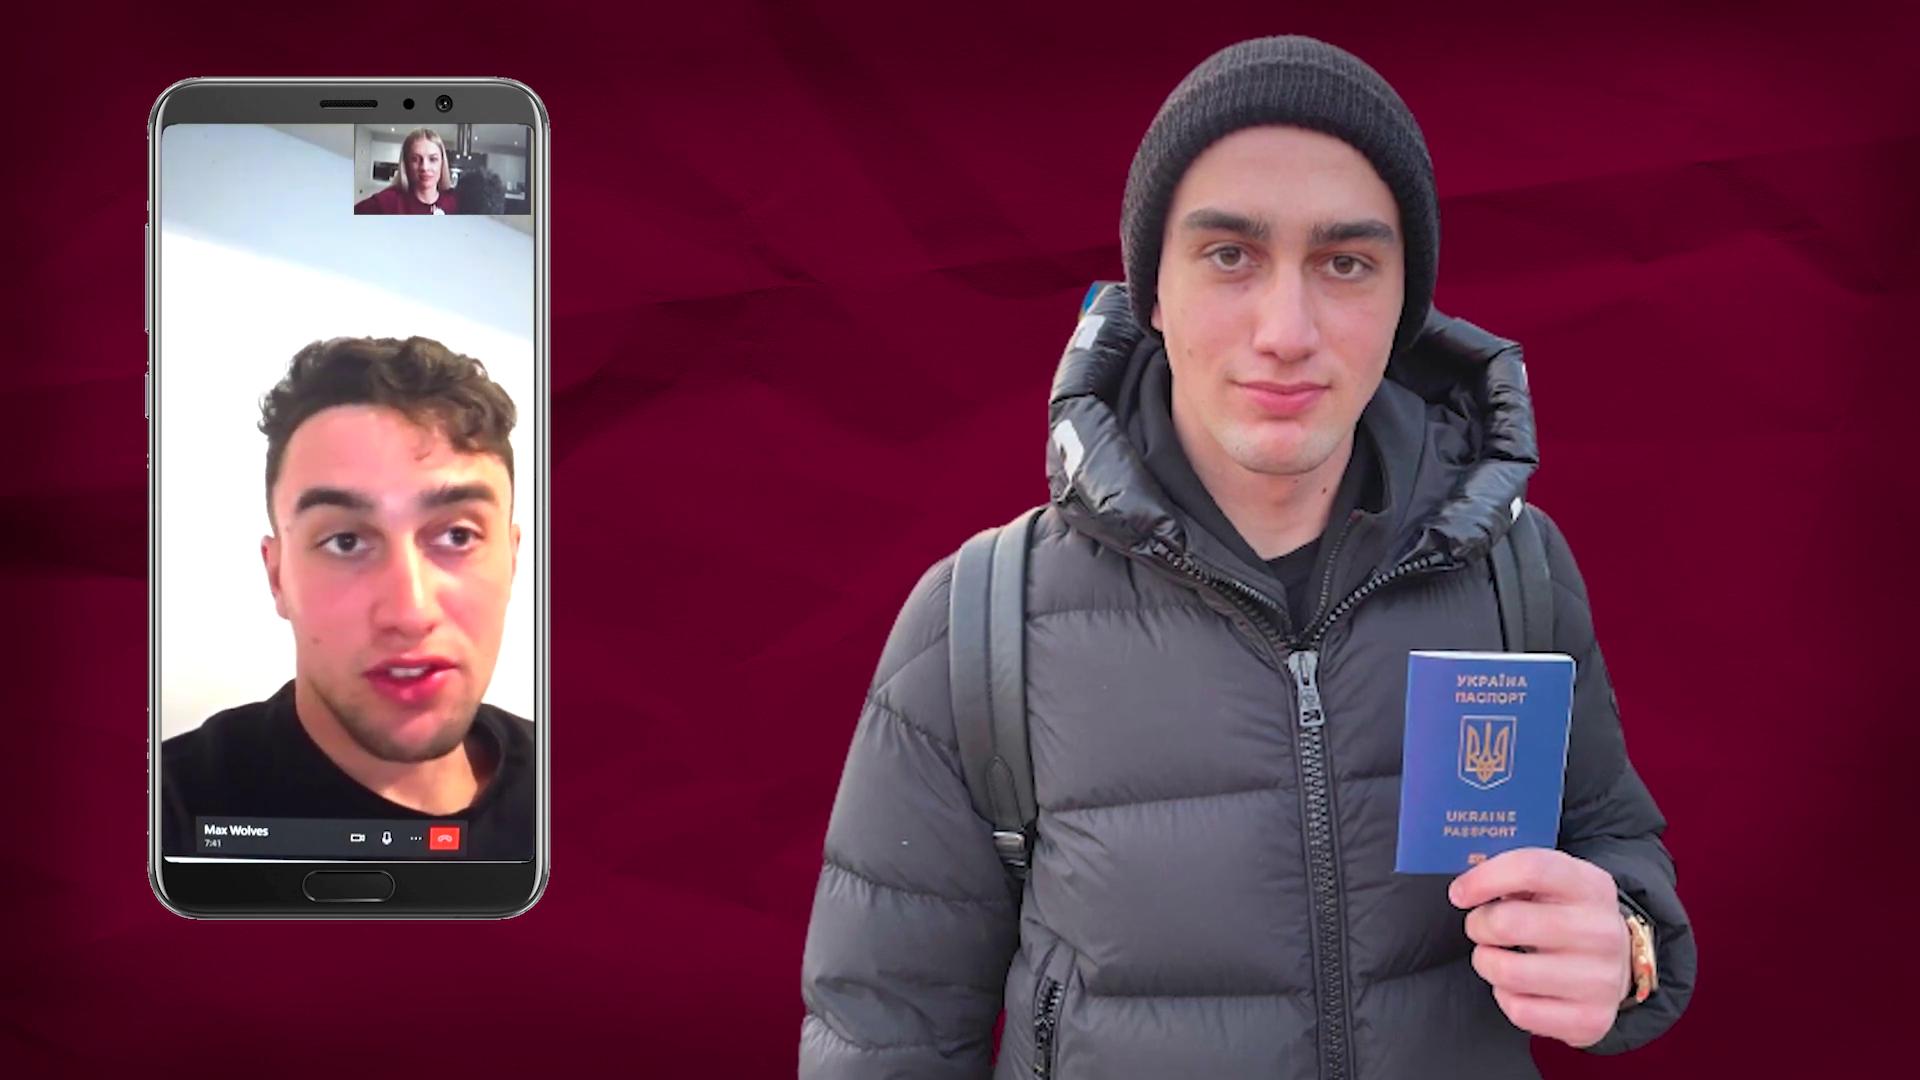 Макс Килман с украинским паспортом